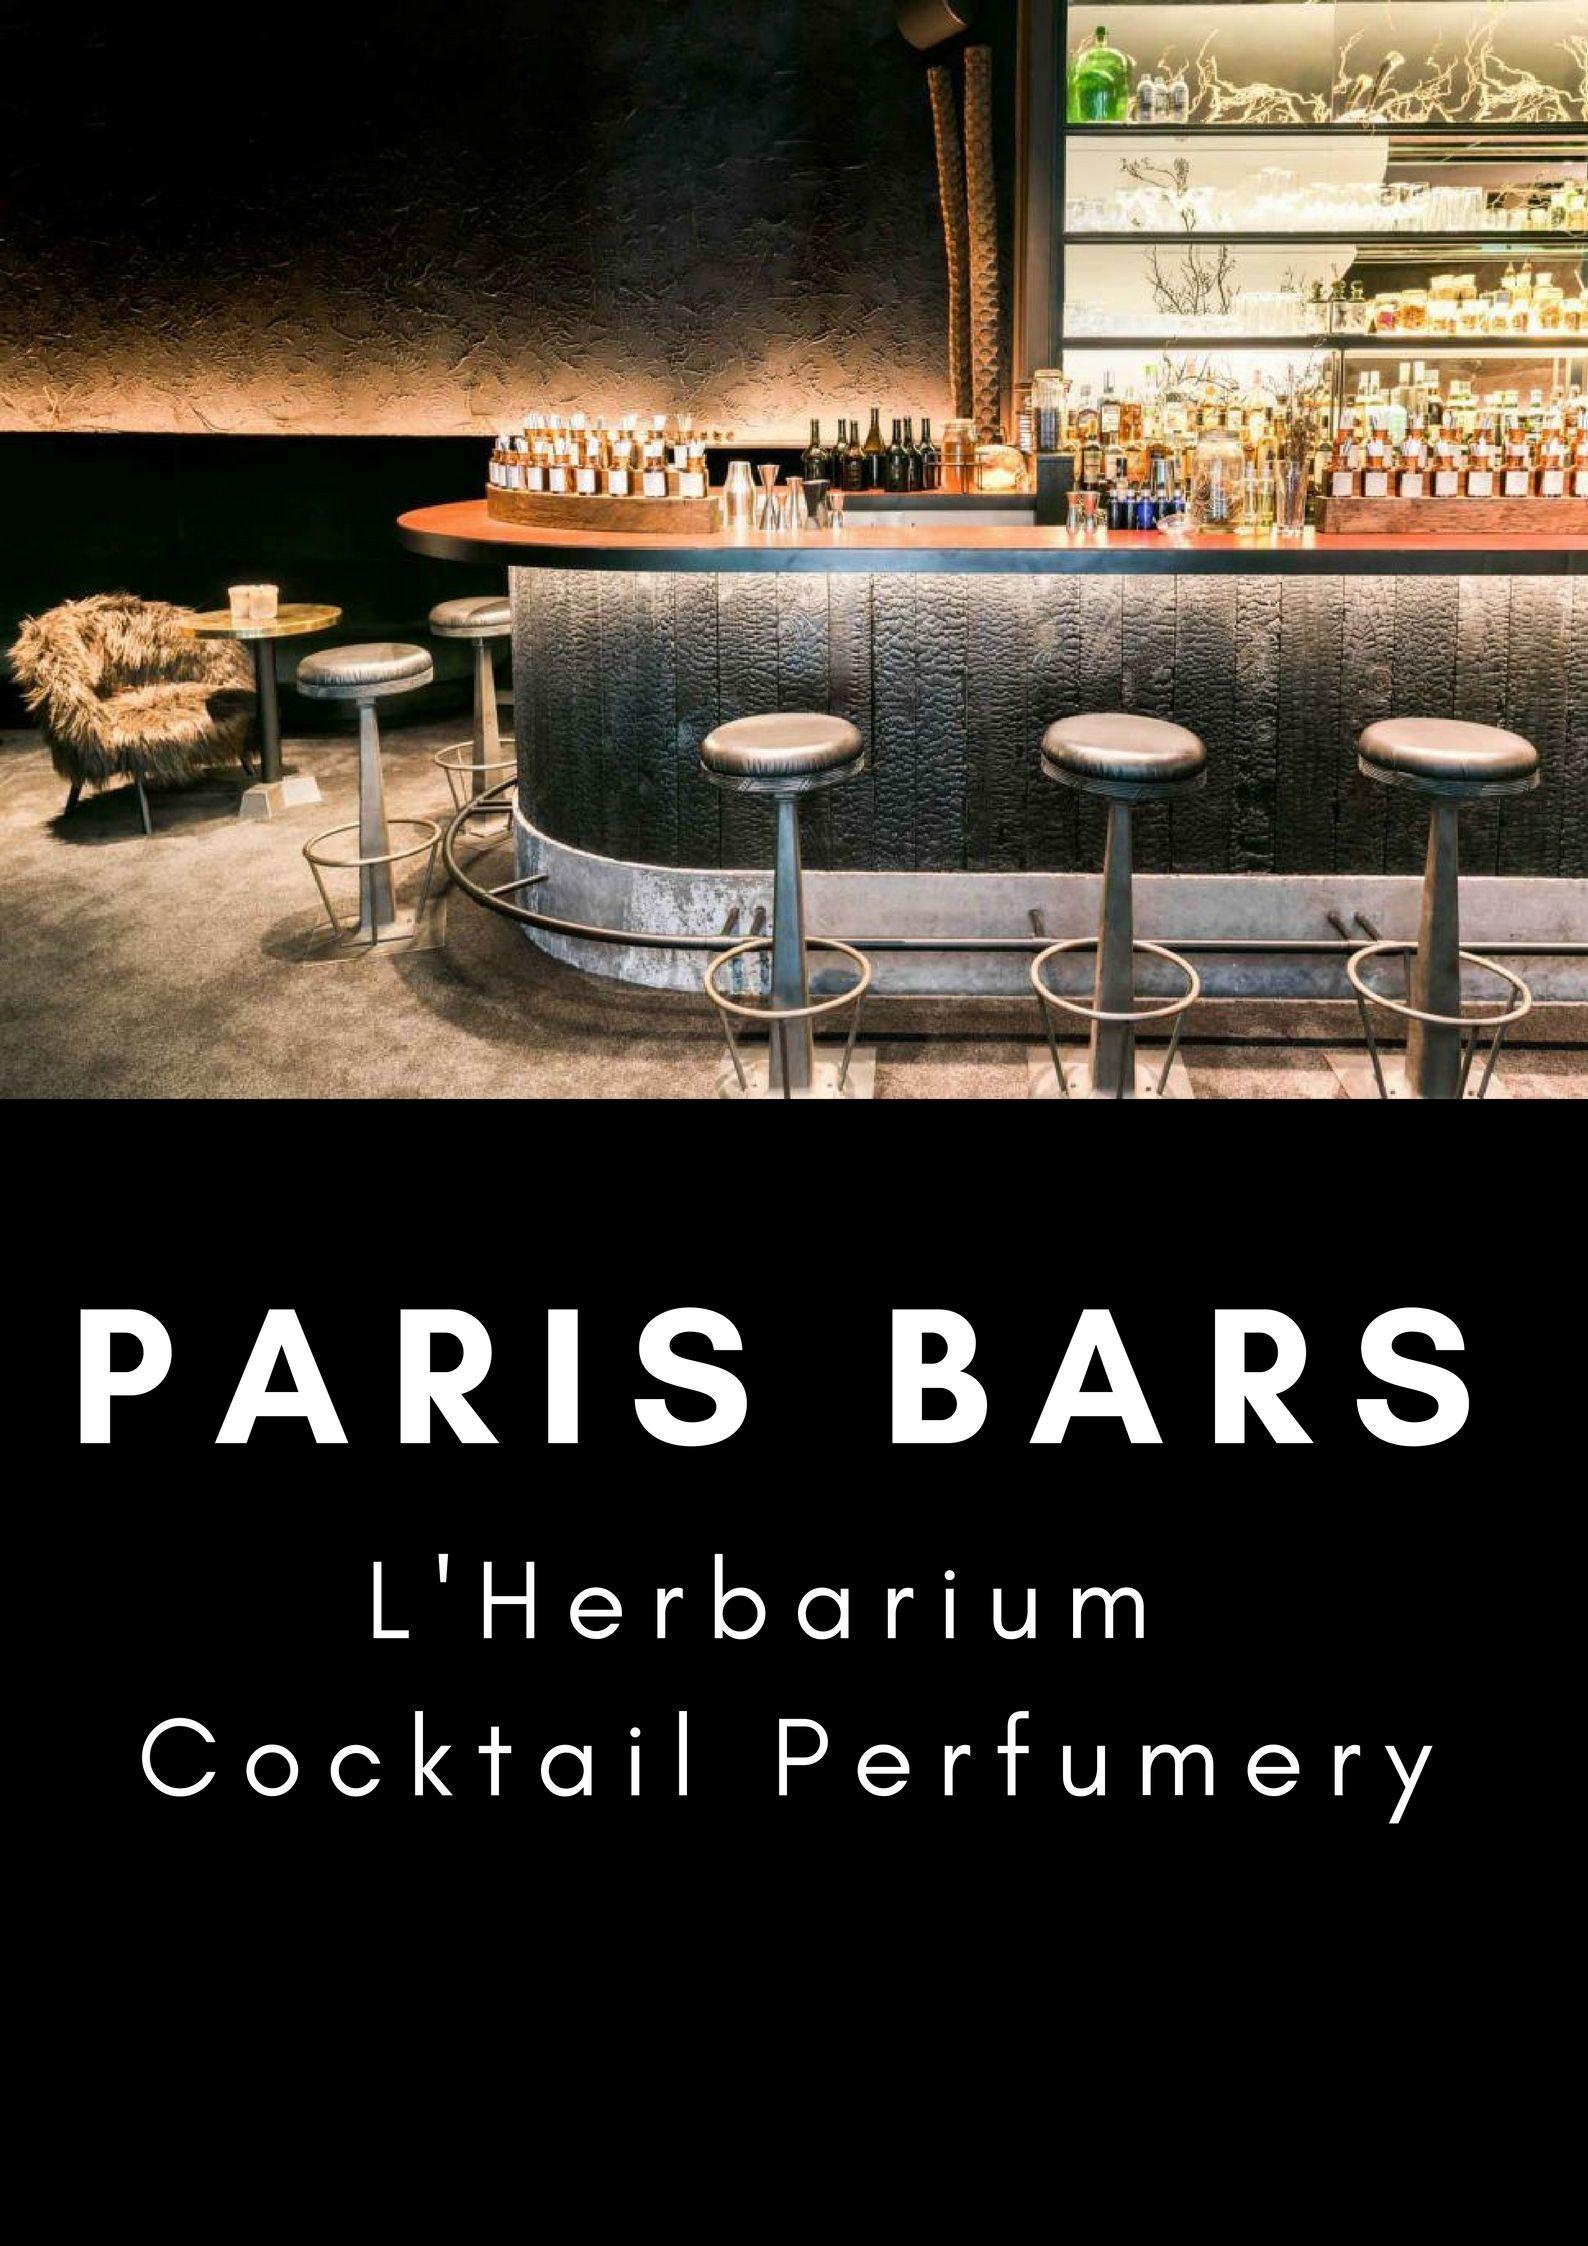 l'Herbarium Bar: Paris' First Cocktail Perfumery